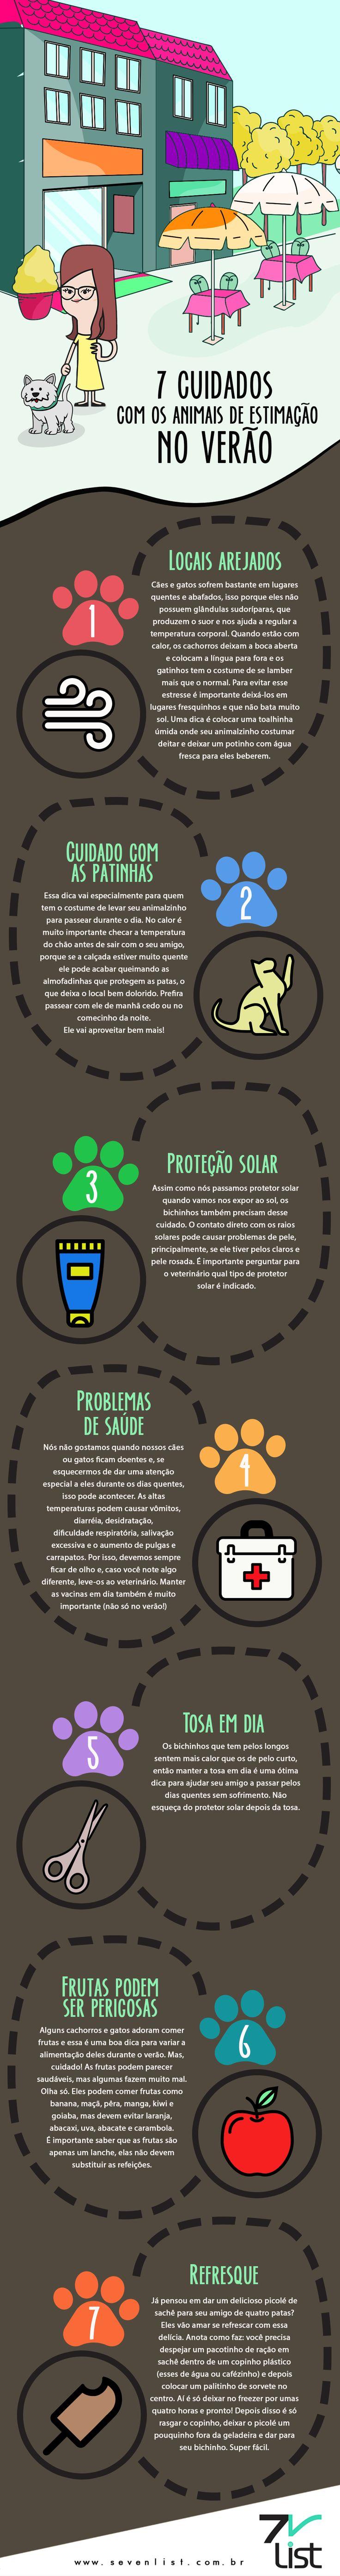 Esse post é especial para eles, os nossos melhores amiguinhos do mundo. Veja 7 cuidados com os animais de estimação no verão. #SevenList #Dicas #Art #Infografico #Pets #Dog #Cat #Animais #Animaisdeestimação #chochorro #Gato #Love